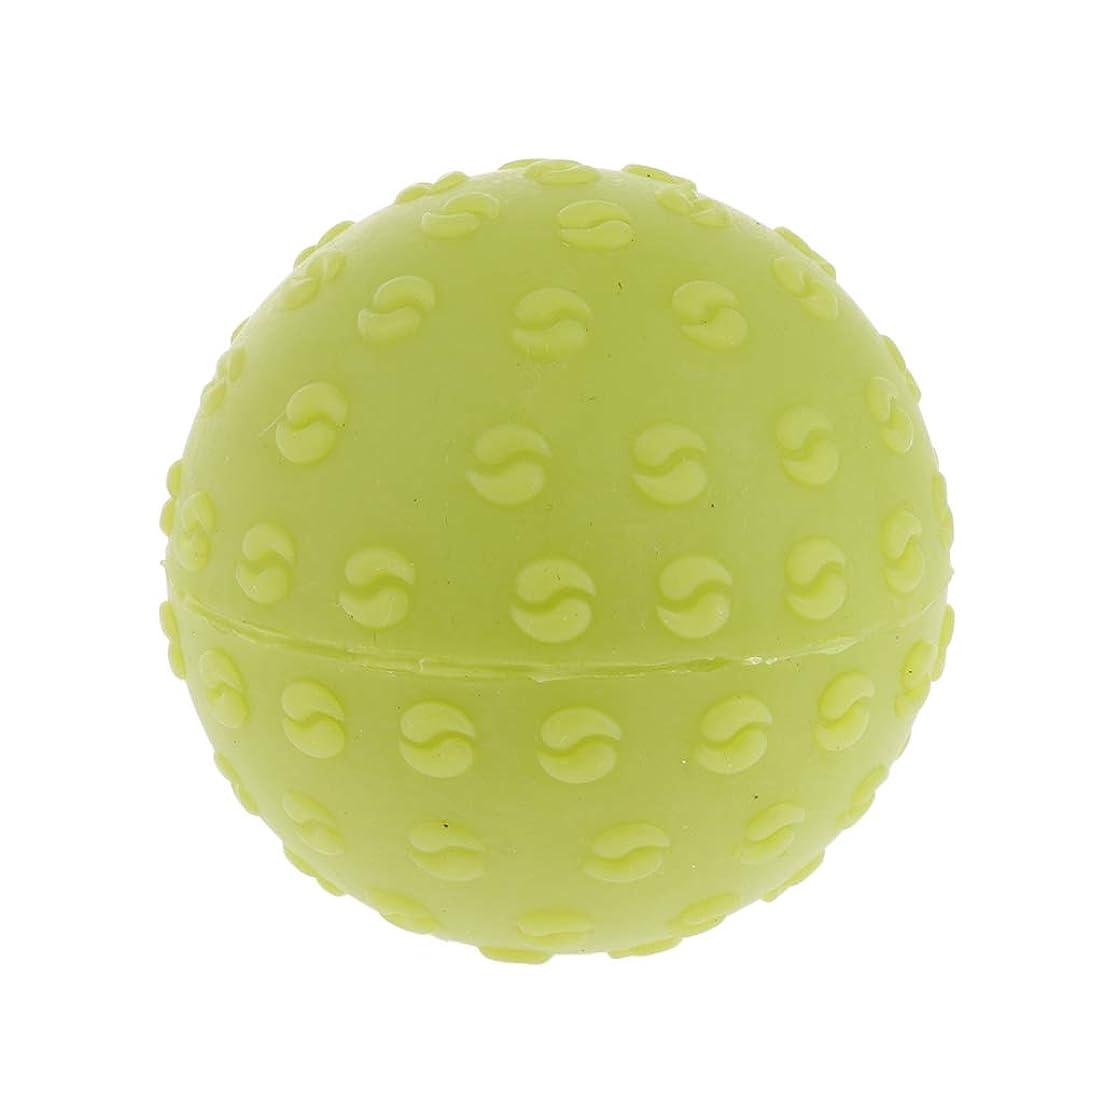 始める夜明けにパッチD DOLITY マッサージボール 指圧ボール シリコーン トリガーポイント 足底筋膜炎 ヨガ 快適 全6色 - 緑, 説明のとおり